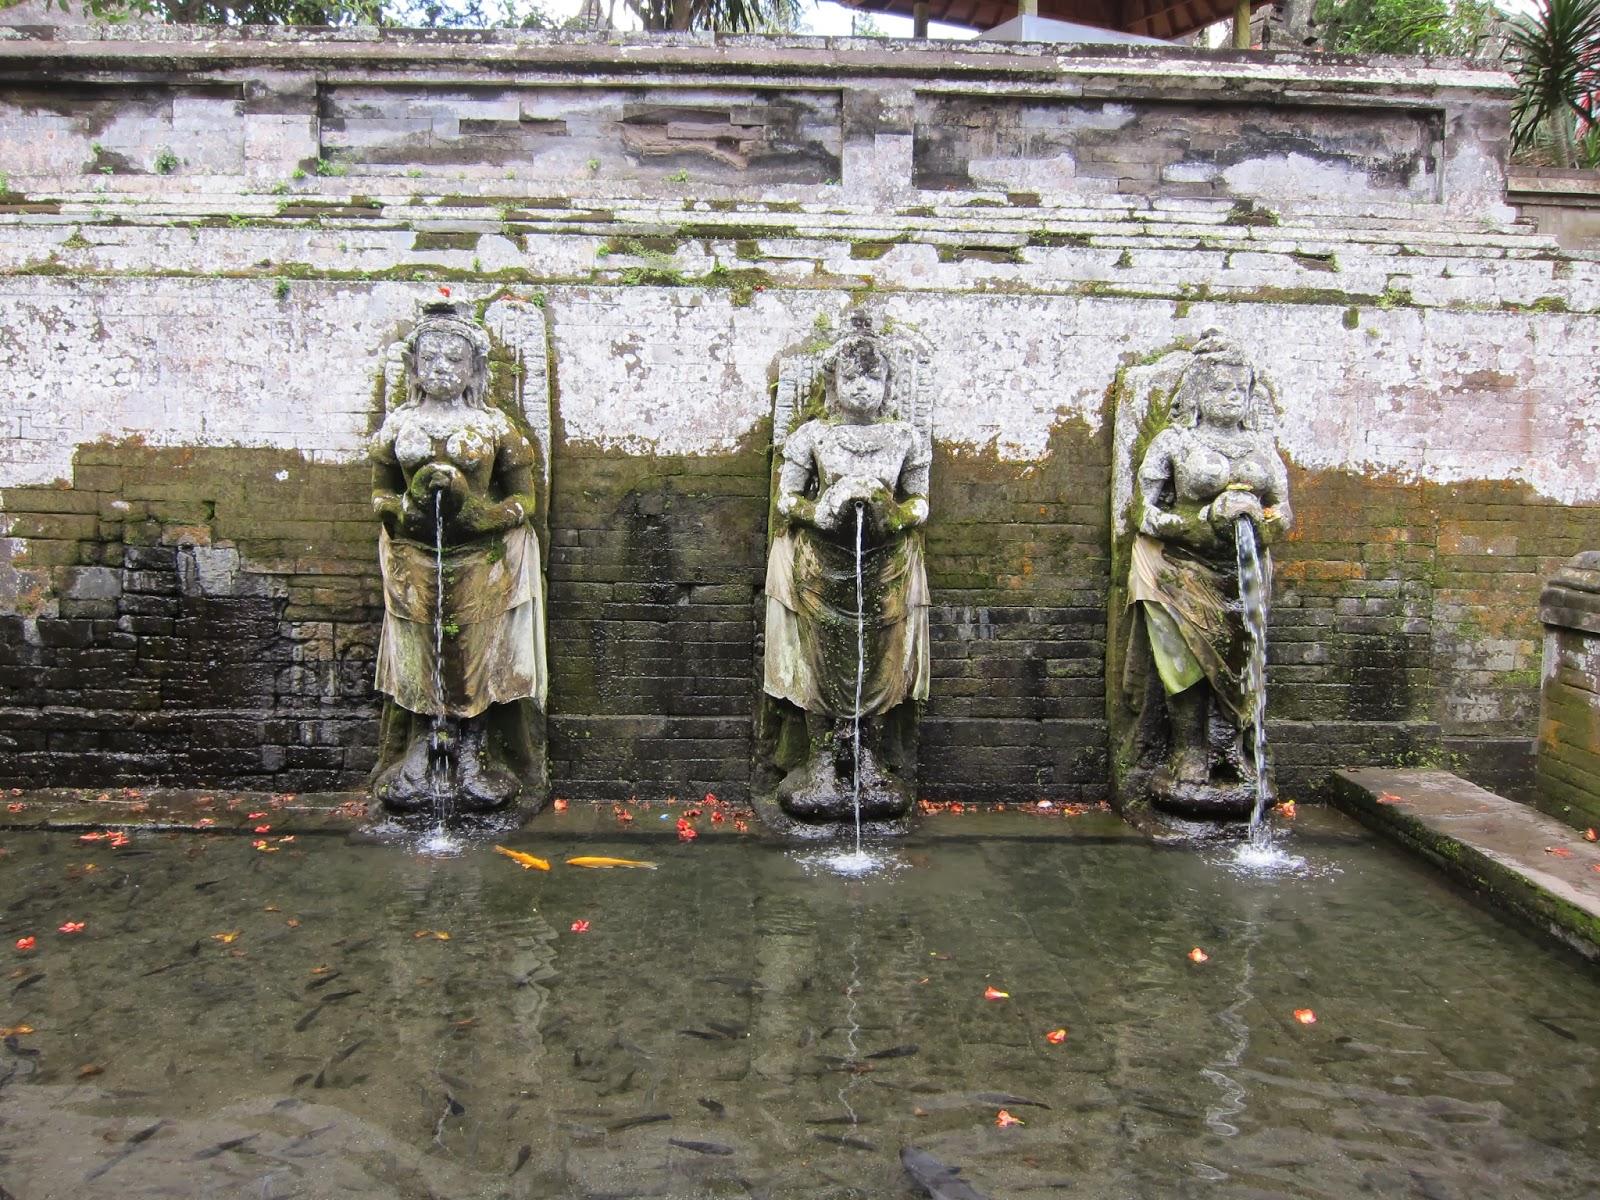 【峇里島自由行】Bali 慶生之旅D2 (上) -象洞/聖泉寺/Tegallalang/ I Made Joni。造訪烏布古蹟遺址